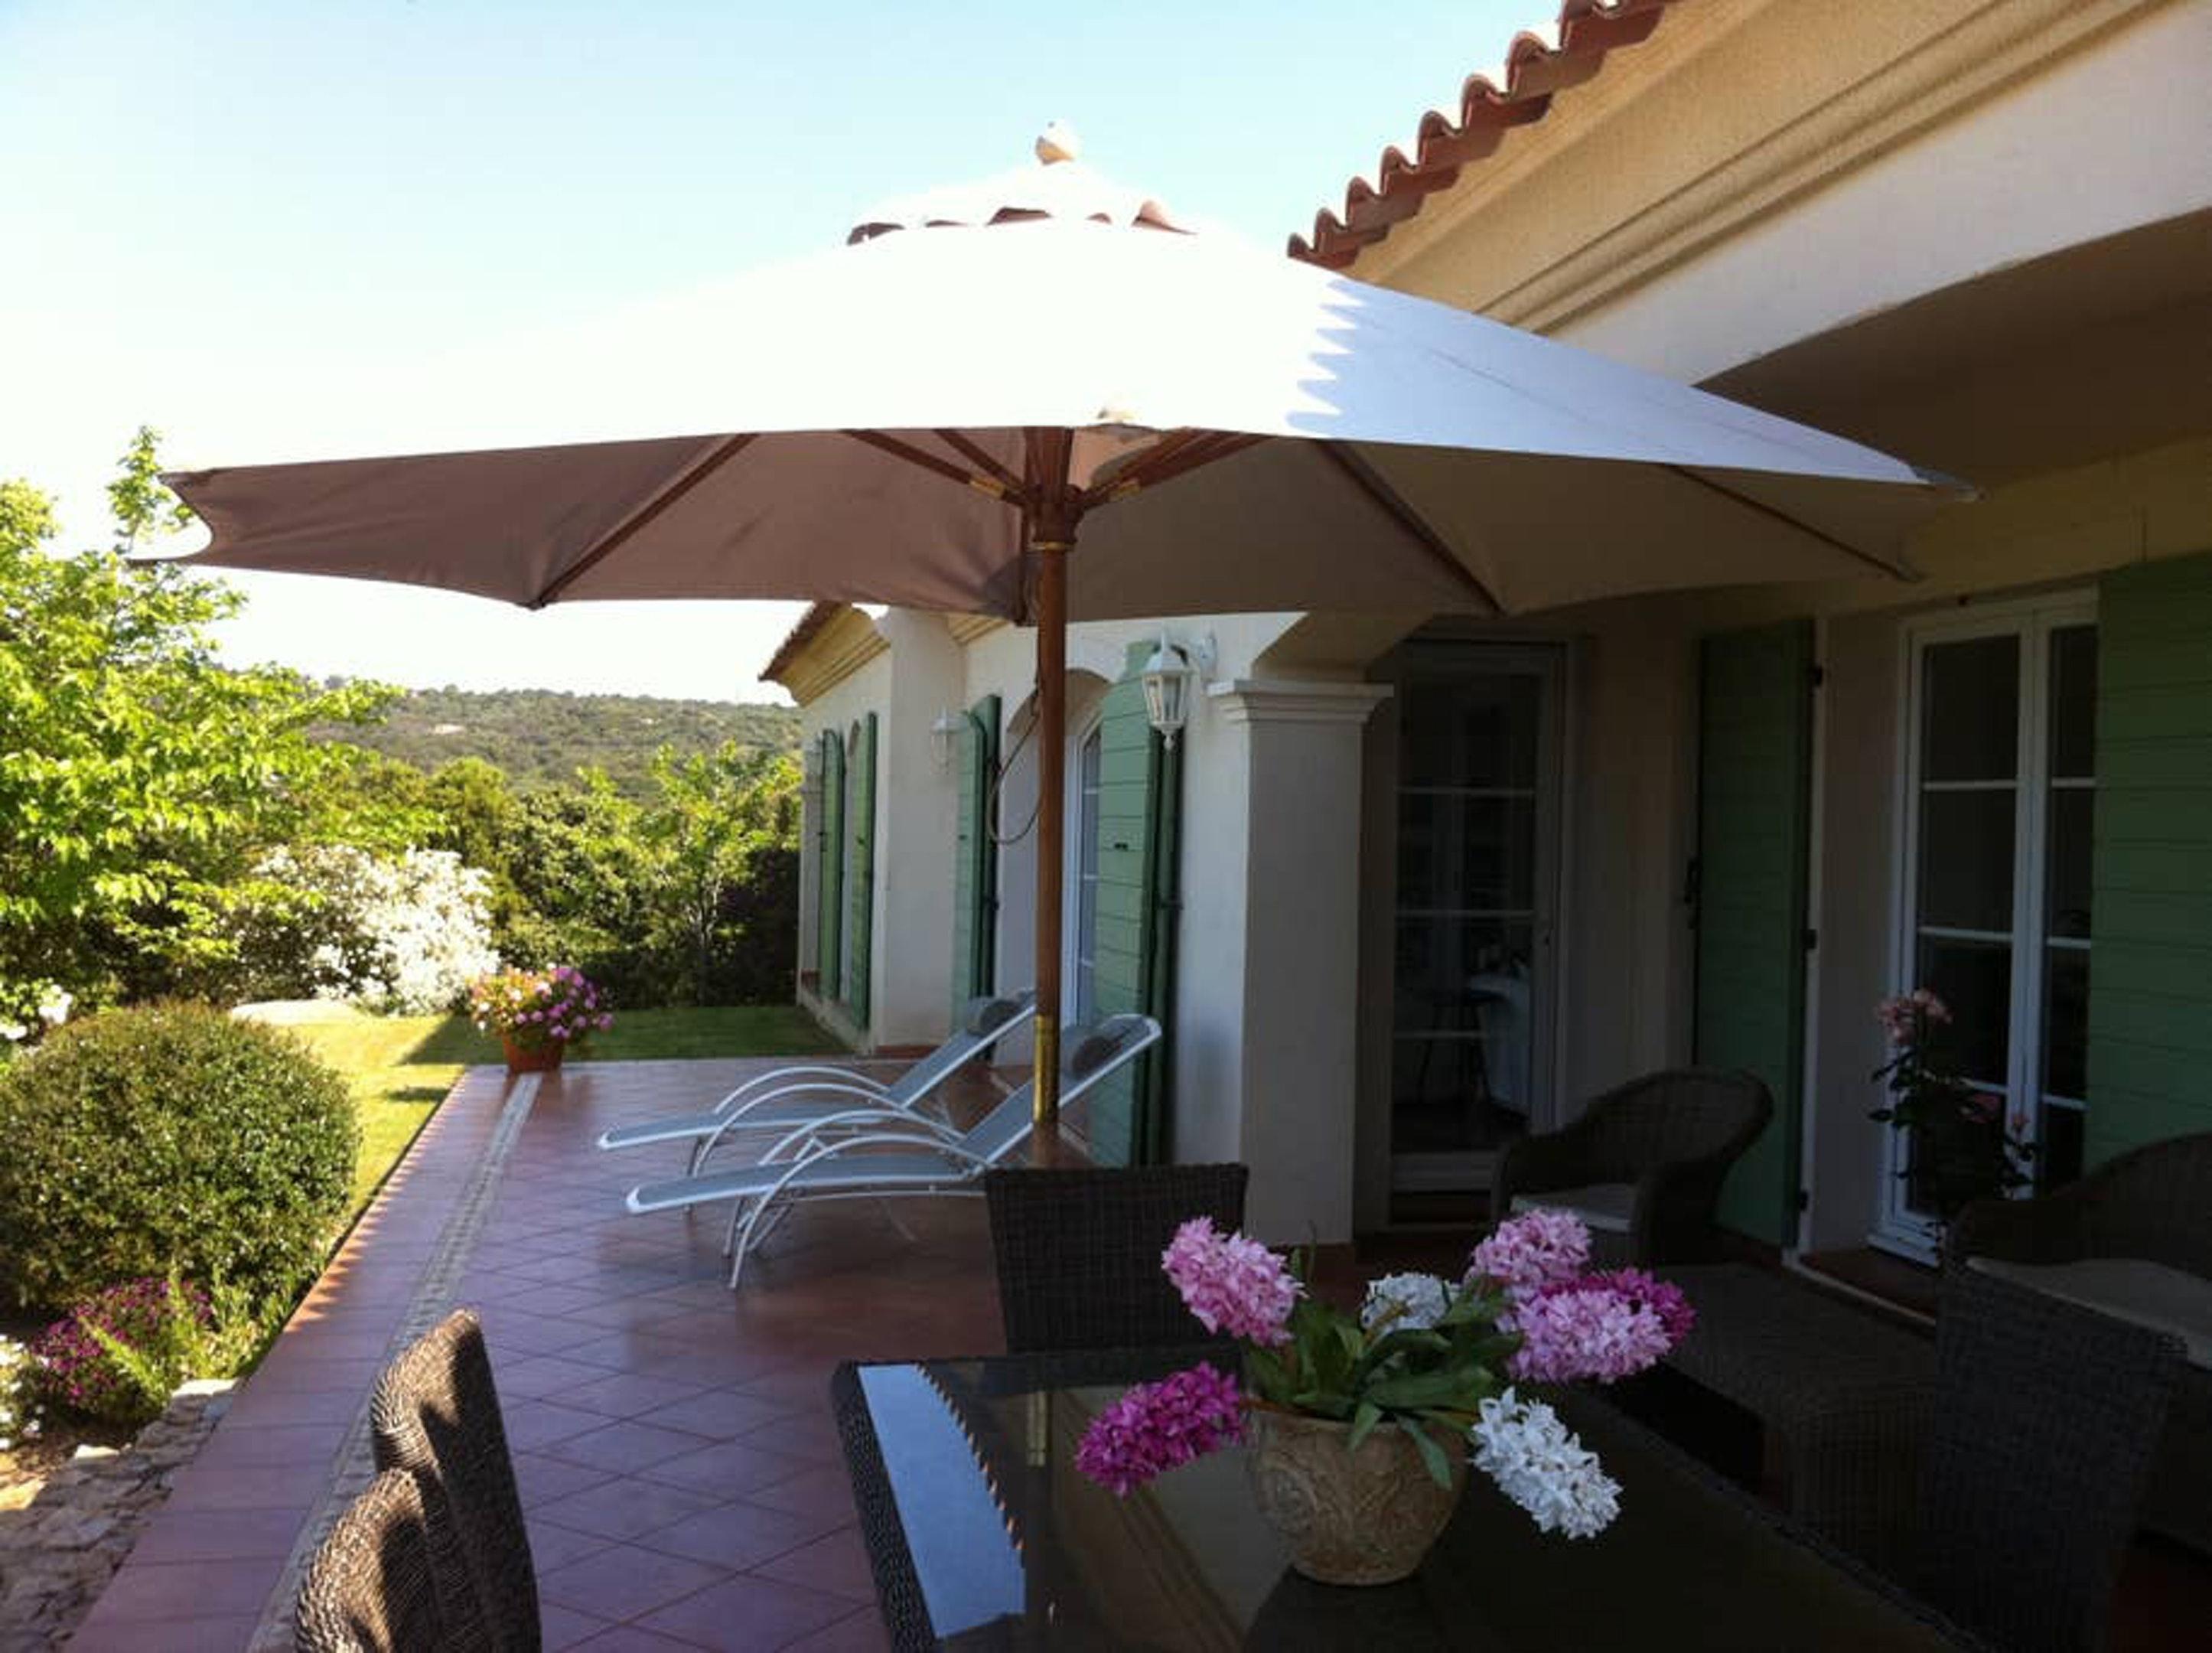 Ferienhaus Villa mit 4 Schlafzimmern in Lumio mit herrlichem Meerblick, privatem Pool, möbliertem Gar (2632533), Lumio, Nordkorsika, Korsika, Frankreich, Bild 5